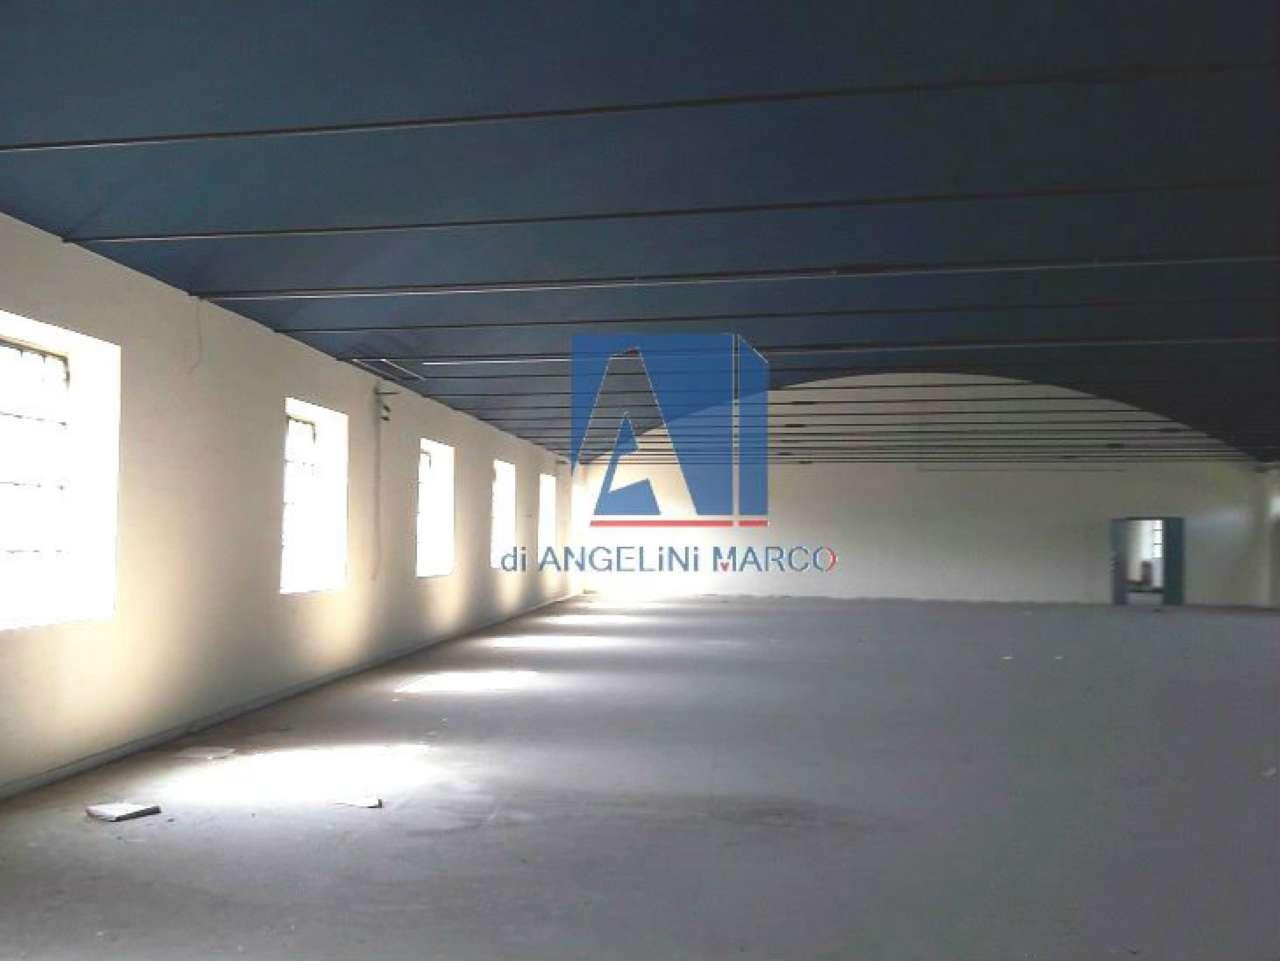 Immobile Commerciale in vendita a Terracina, 1 locali, prezzo € 1.900.000 | Cambio Casa.it